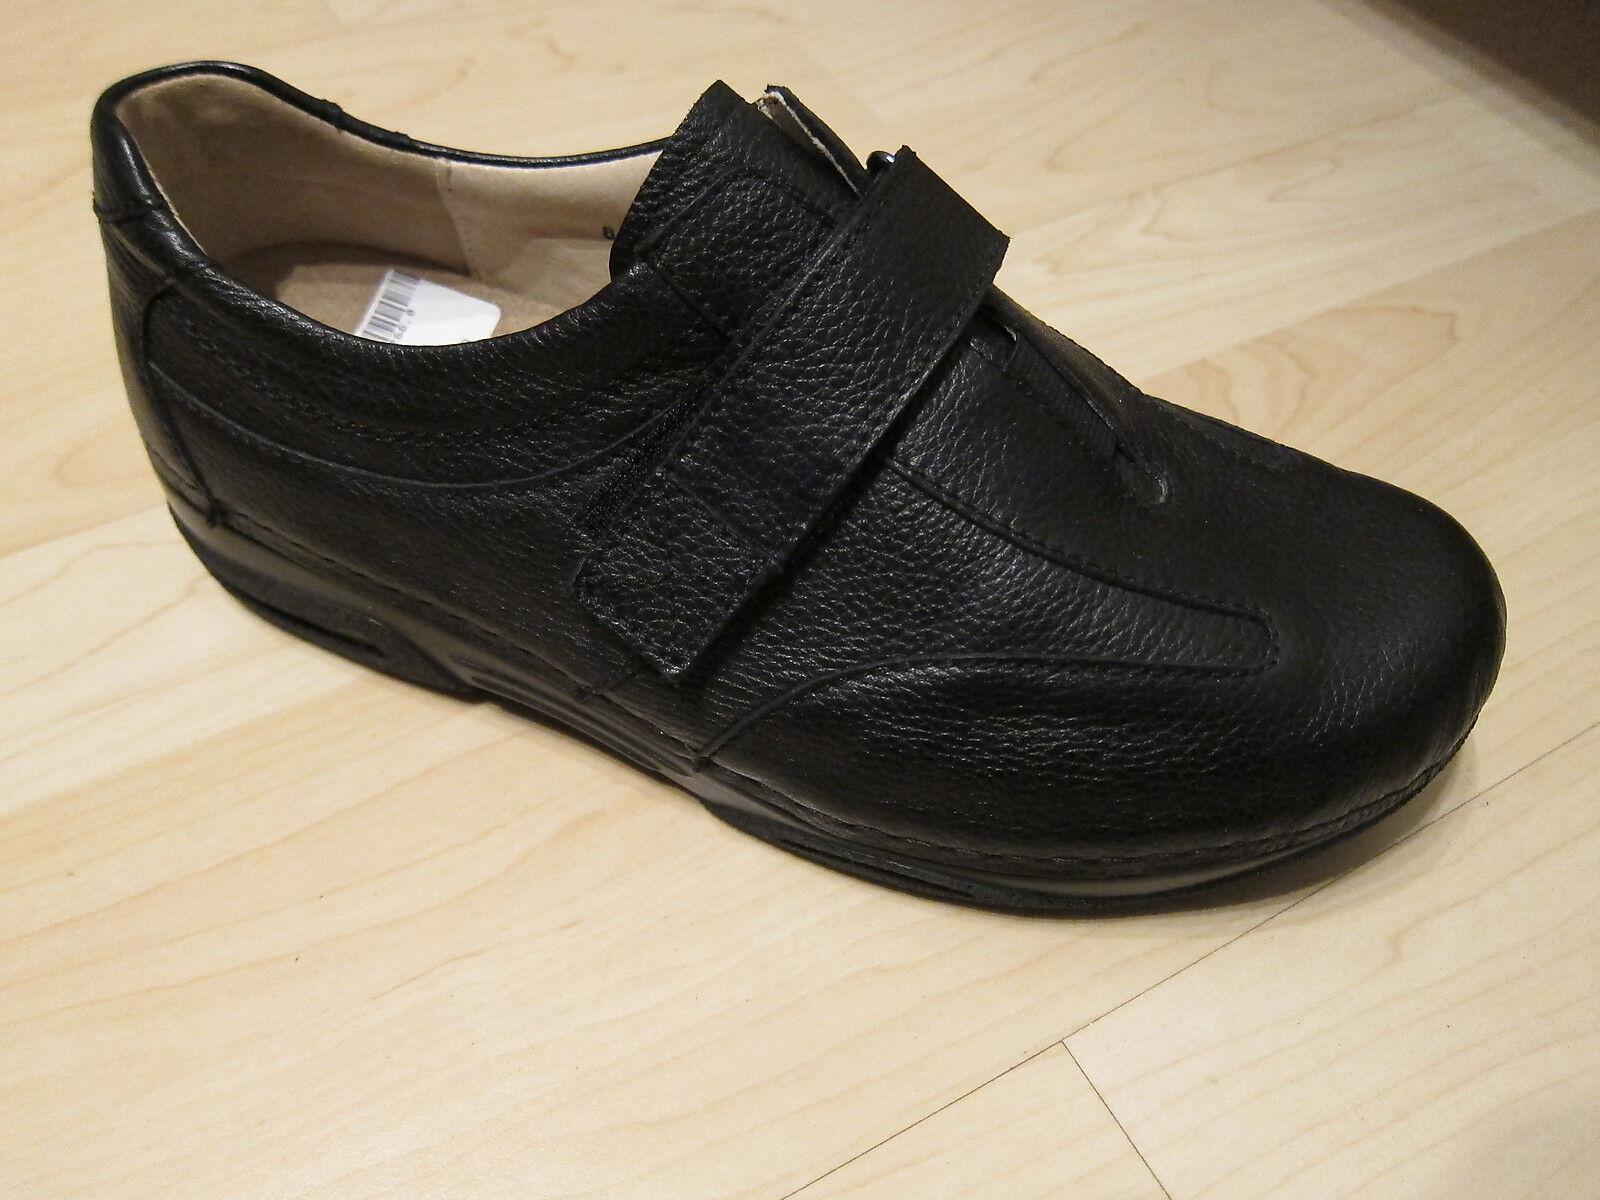 BERKEMANN Jacky Damen Halbschuhe loses Fußbett  Gr.6,0 #1194# #1194# #1194# 790a1e